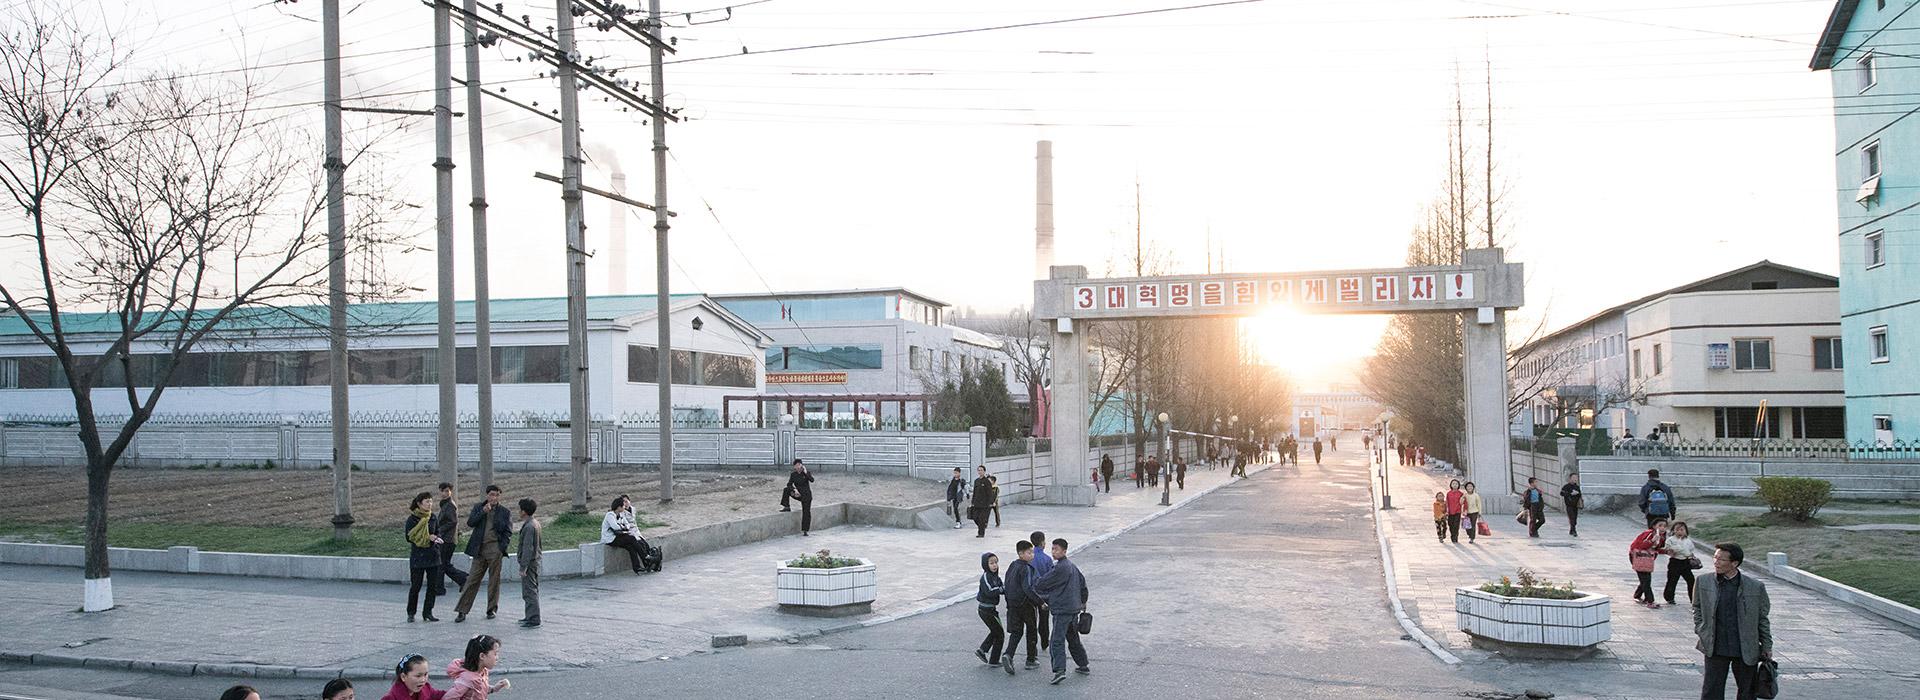 Reisen nach Nordkorea - Individuelle Reisen nach Nordkorea- Harry Kolb AG - Tourismus